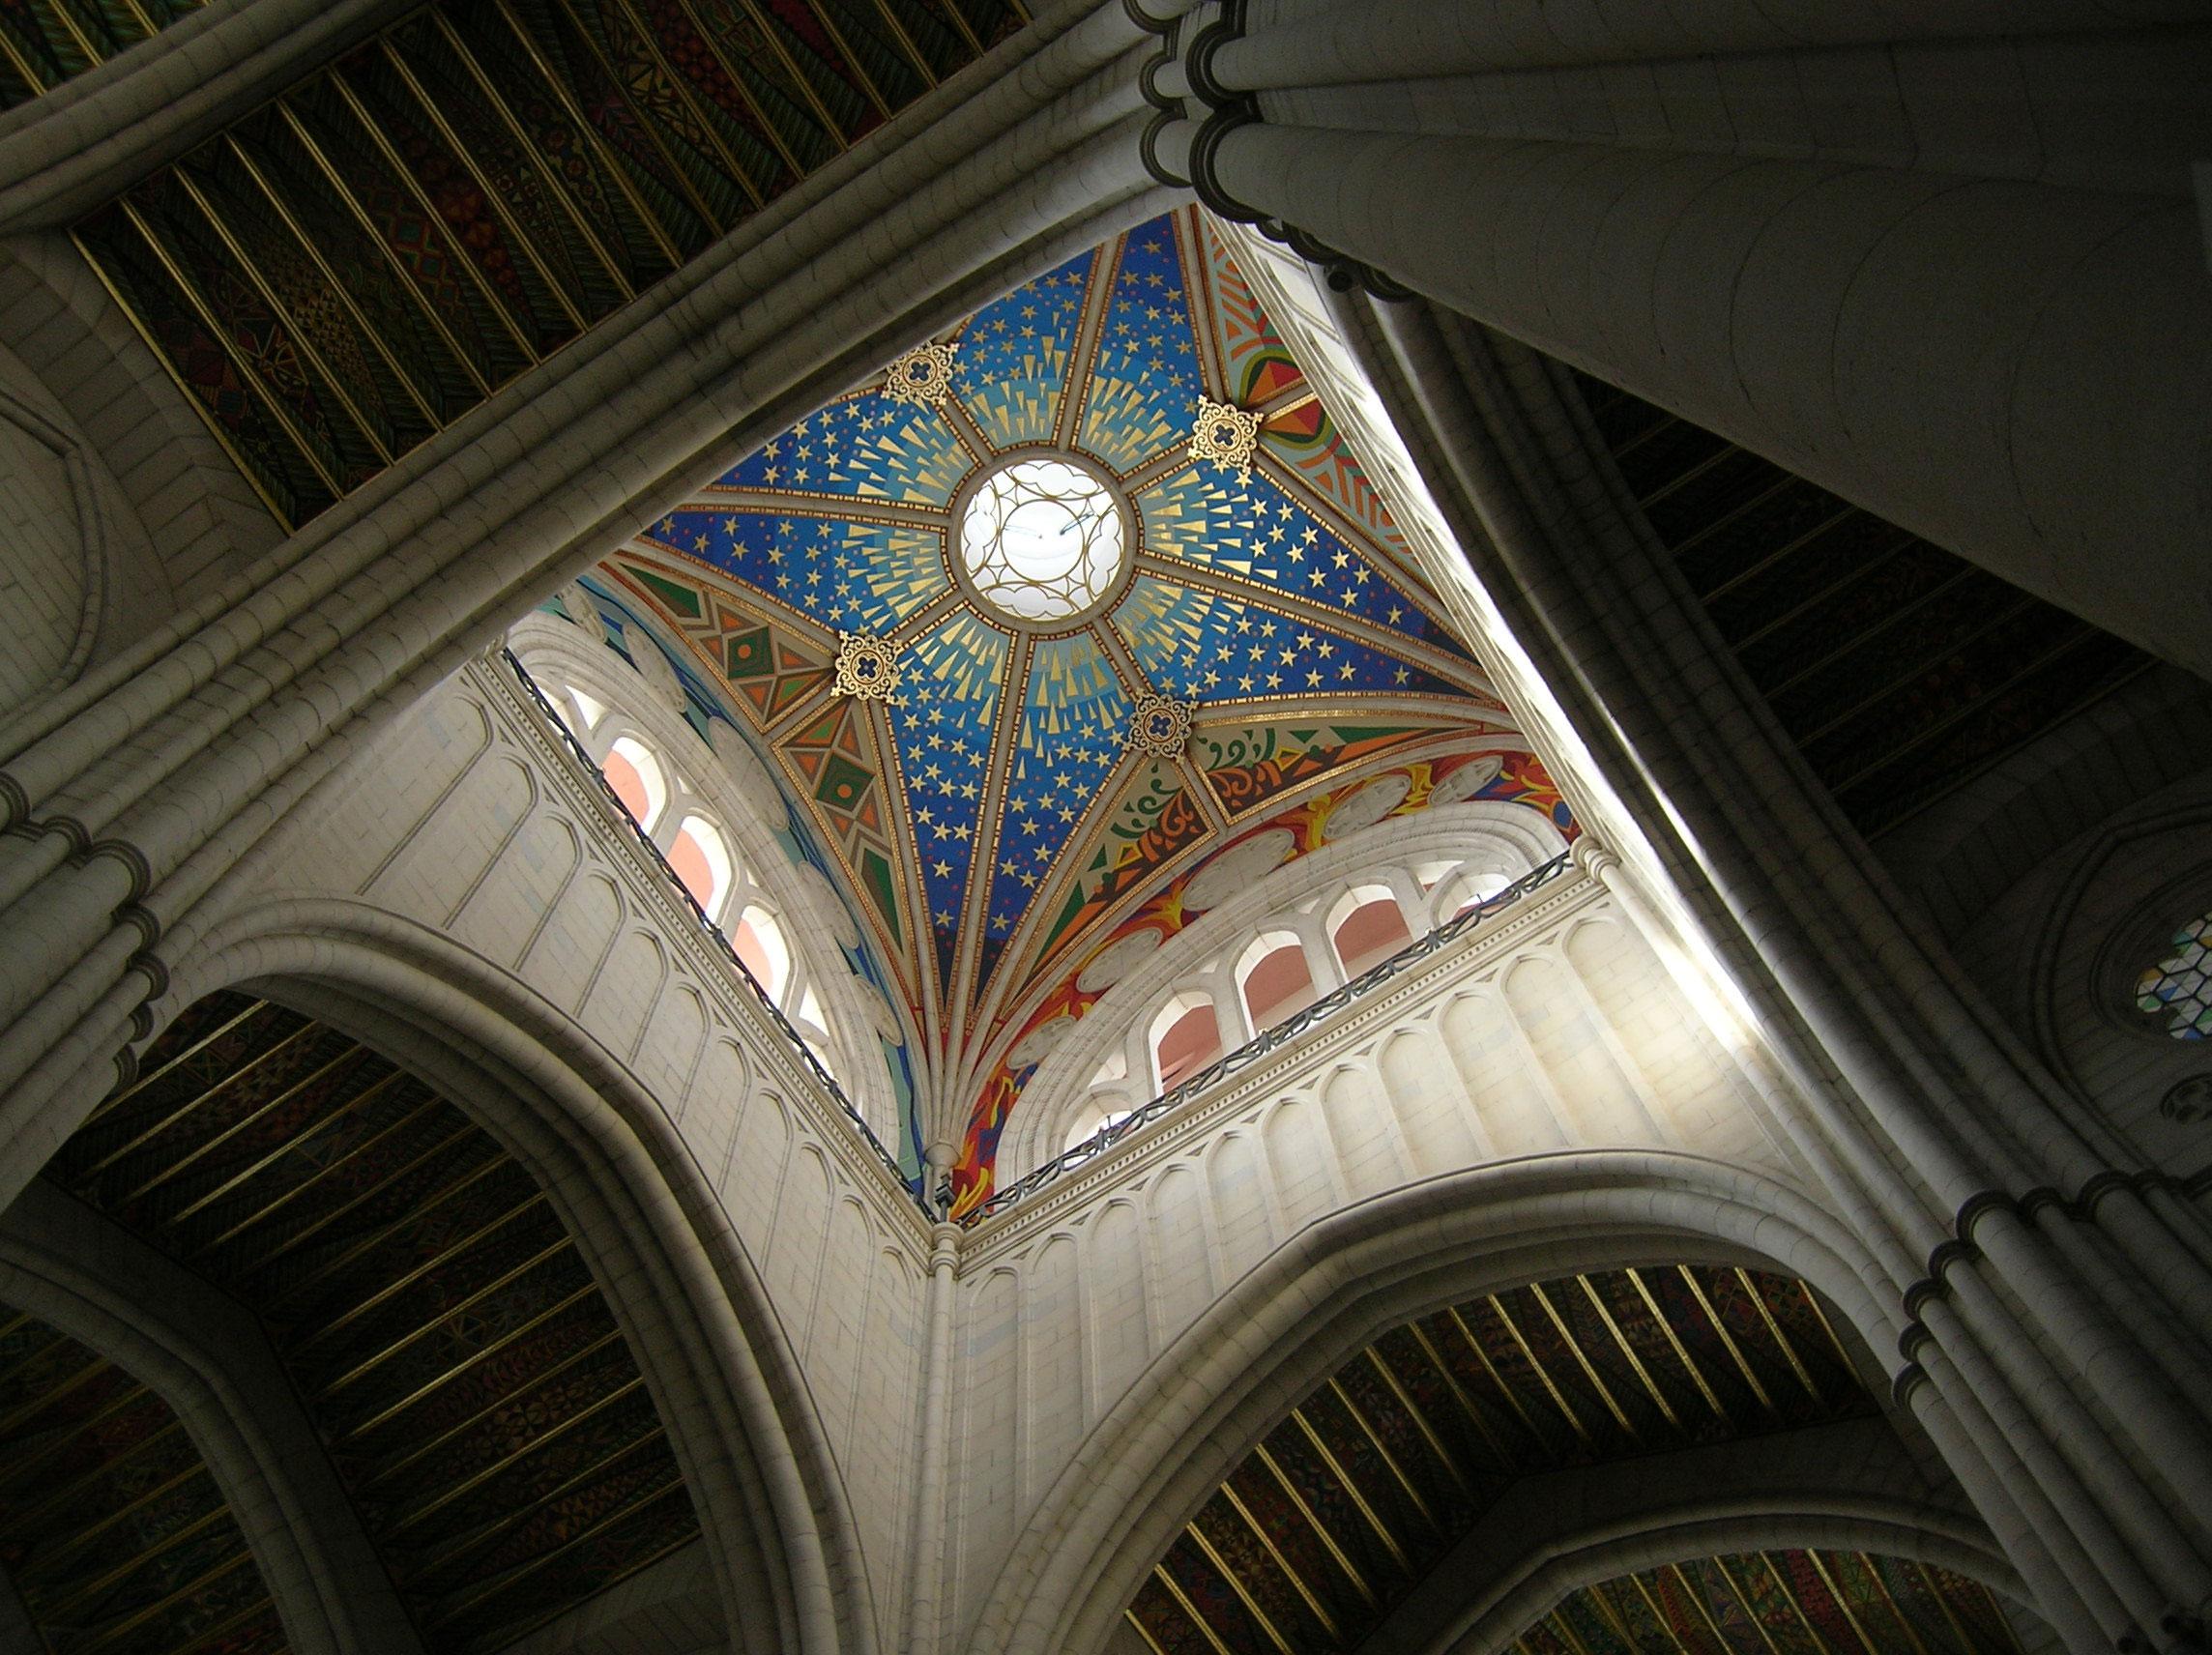 Techo catedral Almudena